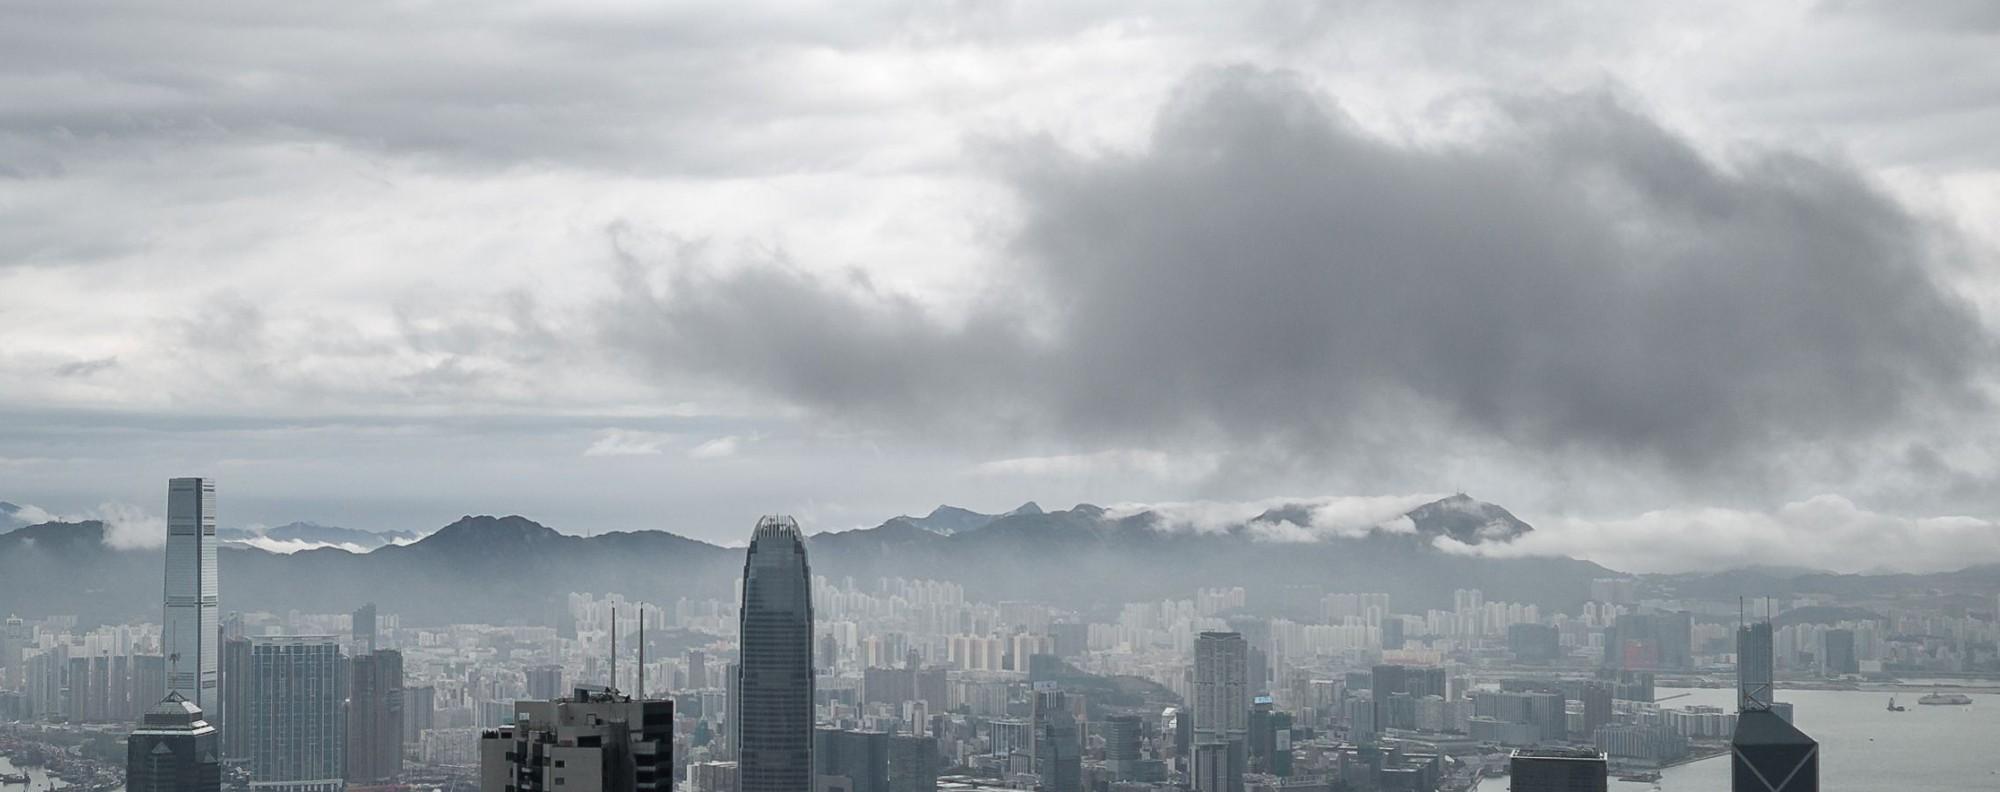 Hong Kong weather | South China Morning Post